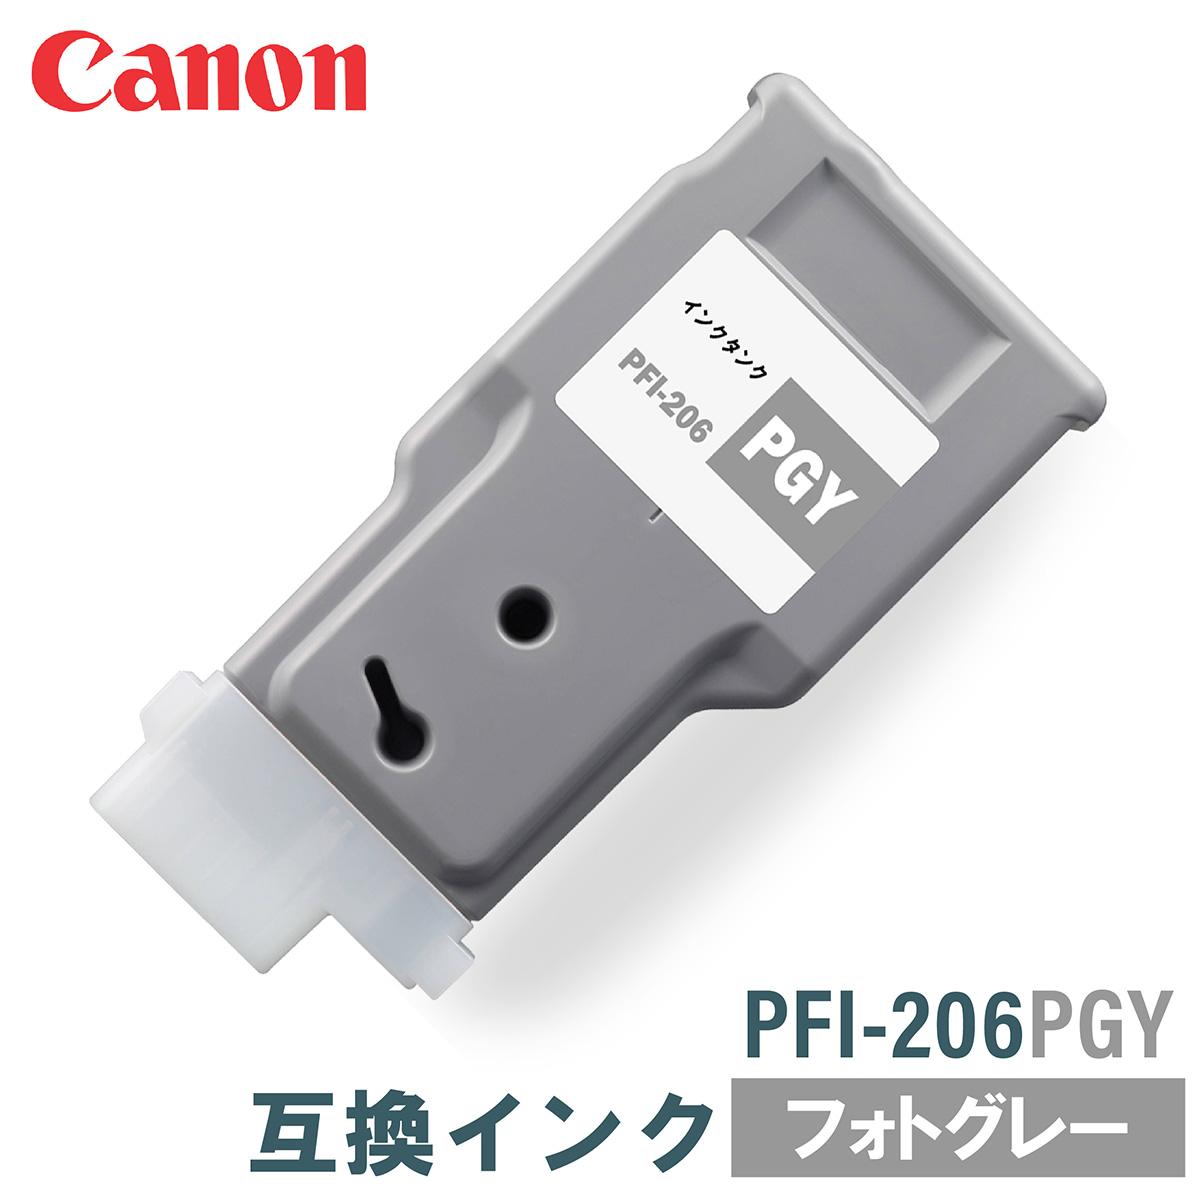 キヤノン 互換インク CANON PFI-206PGY フォトグレー 300ml